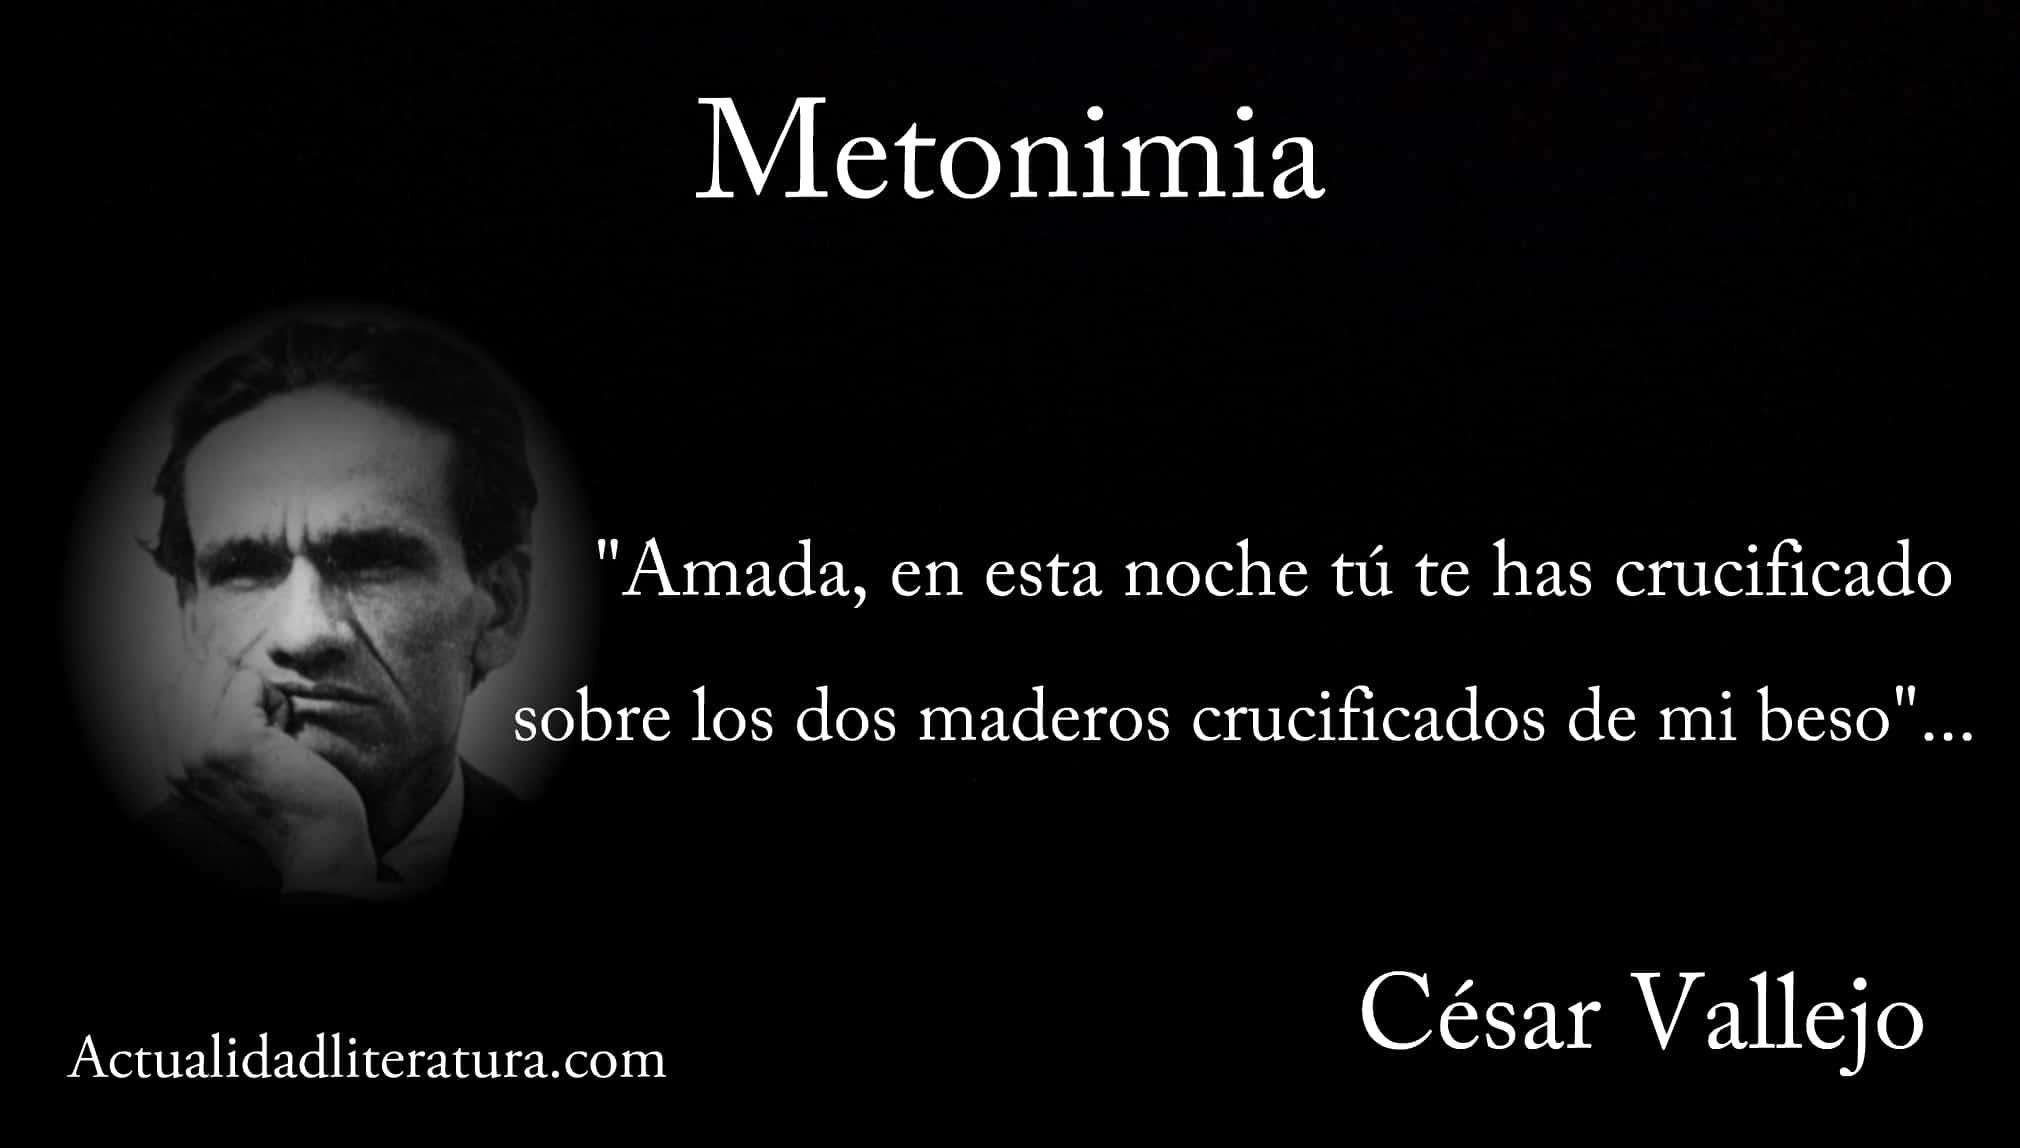 Metonimia en la poesía de César Vallejo.